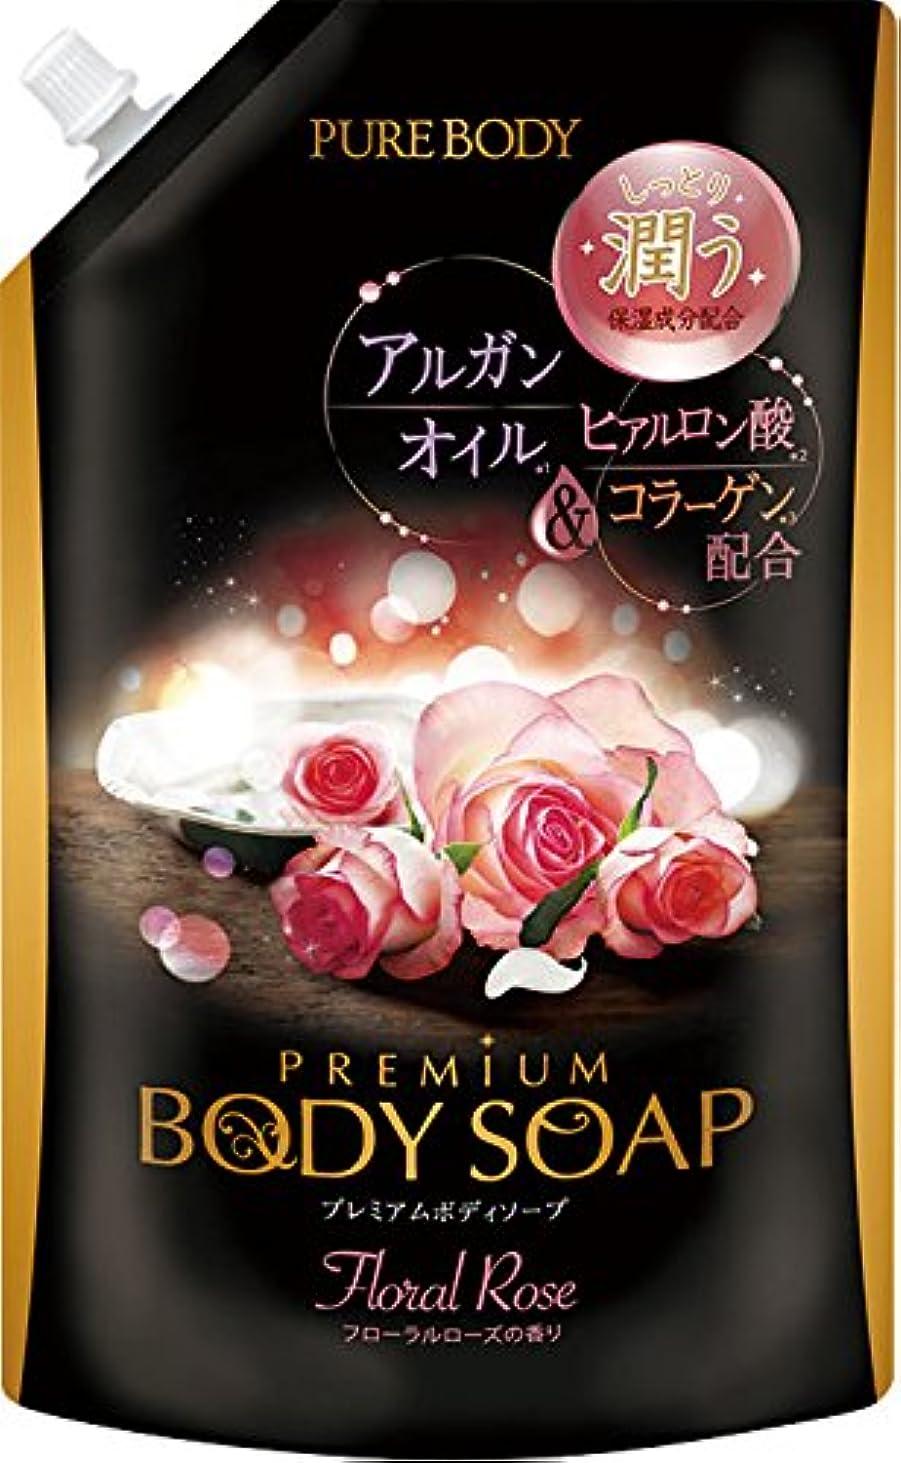 くぼみ流出レトルトピュアボディプレミアムボディソープ シャボンの香り 詰替 大容量 840ML